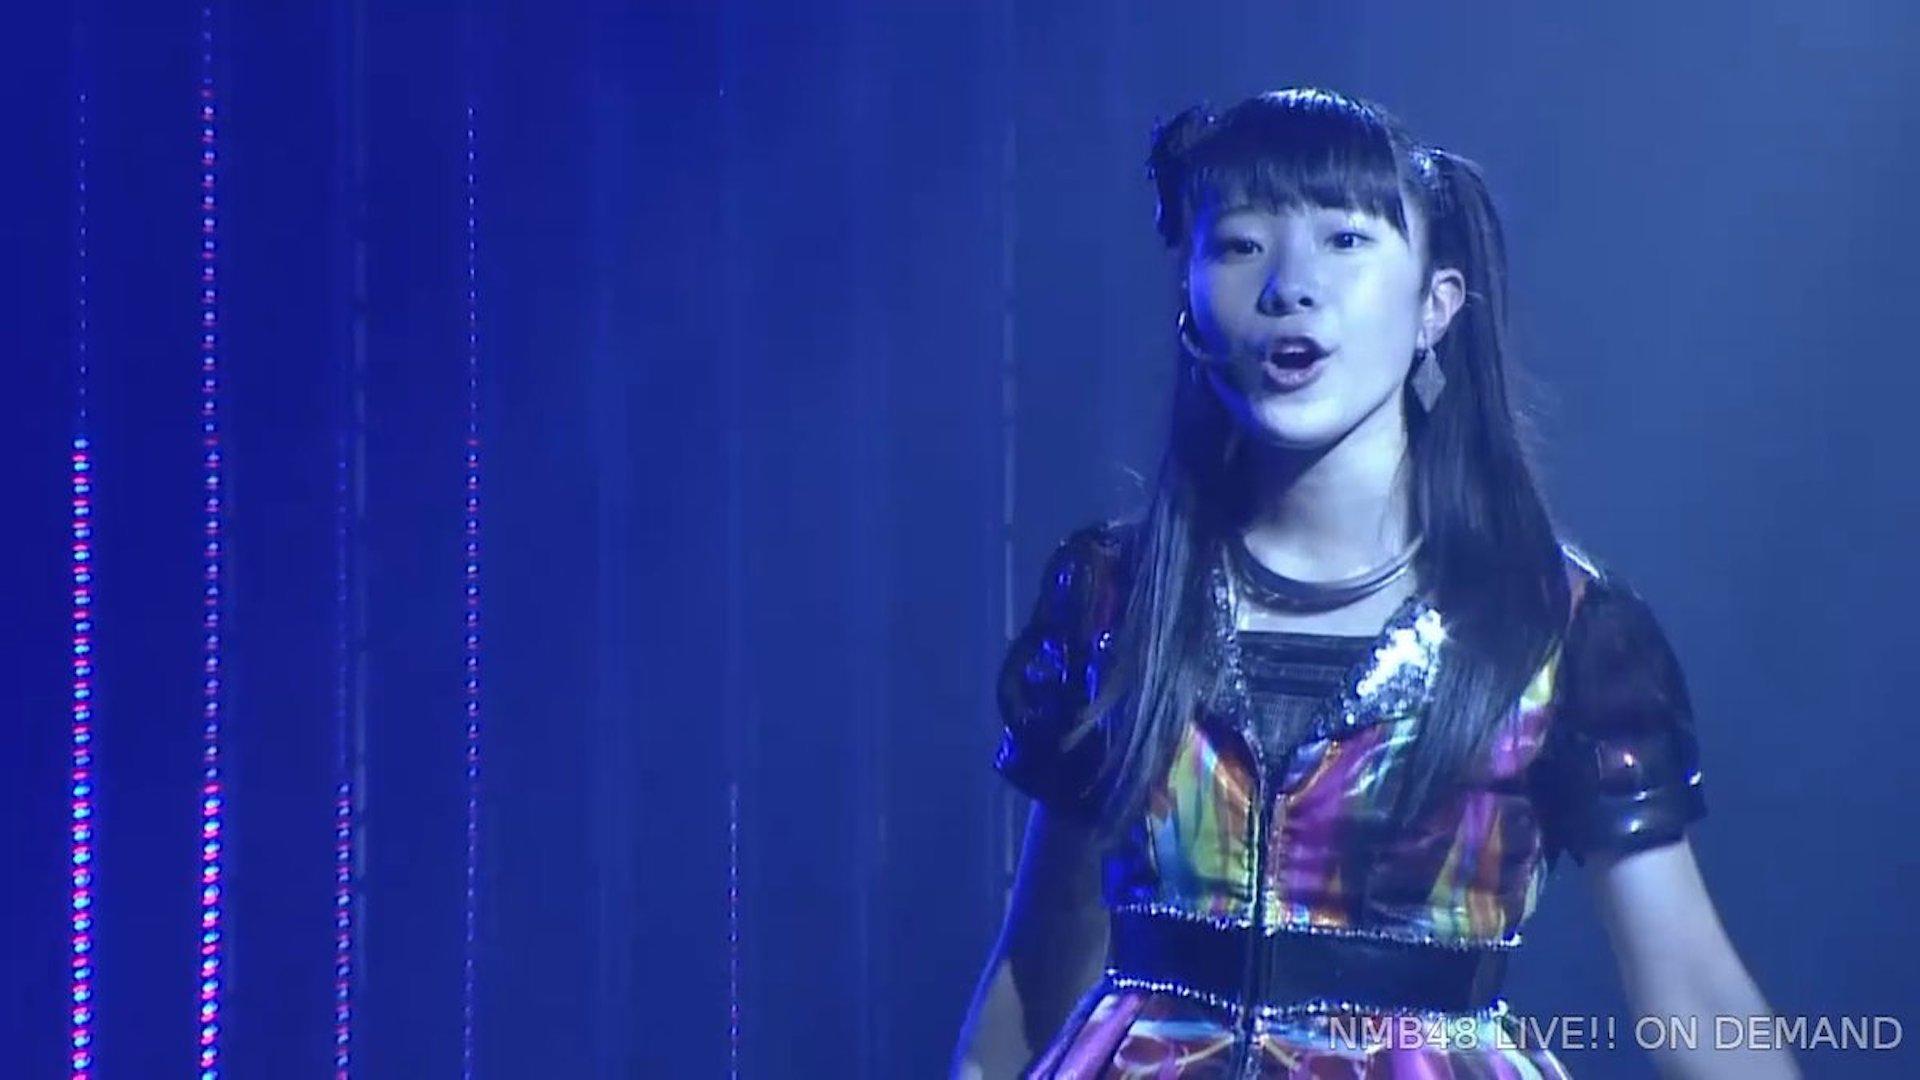 【三宅ゆりあ】ゆりあ「夢は逃げない」公演初日、ユニットは「ピーク」に登場。